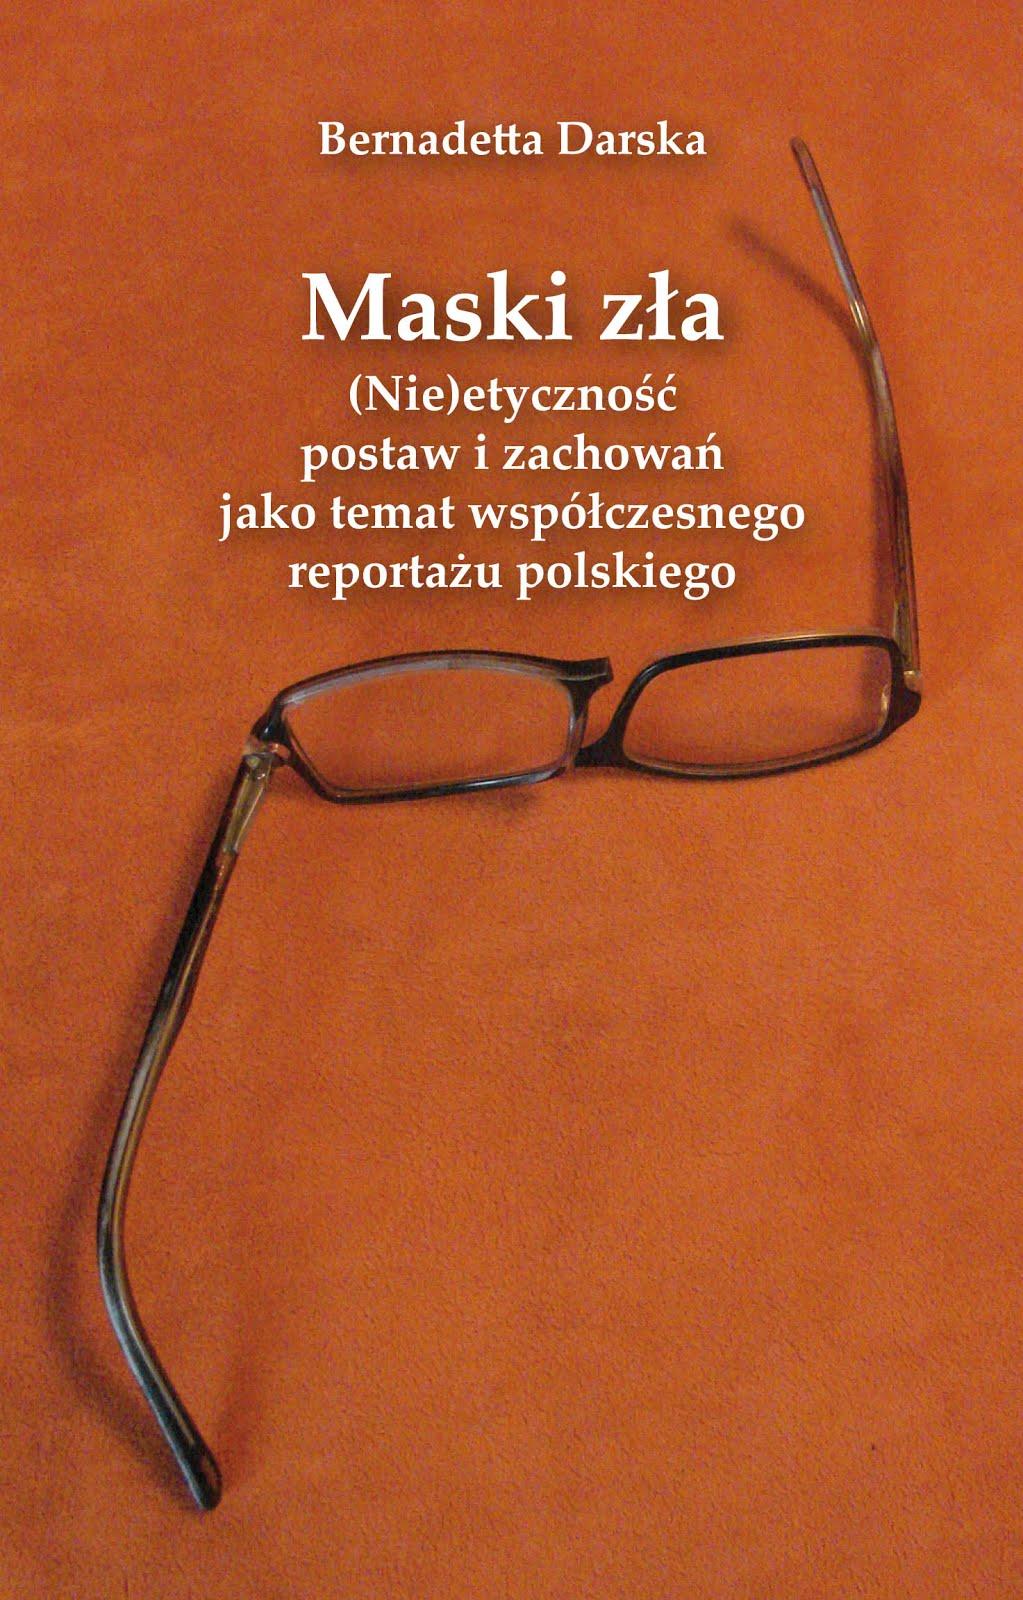 NOWOŚĆ: Maski zła